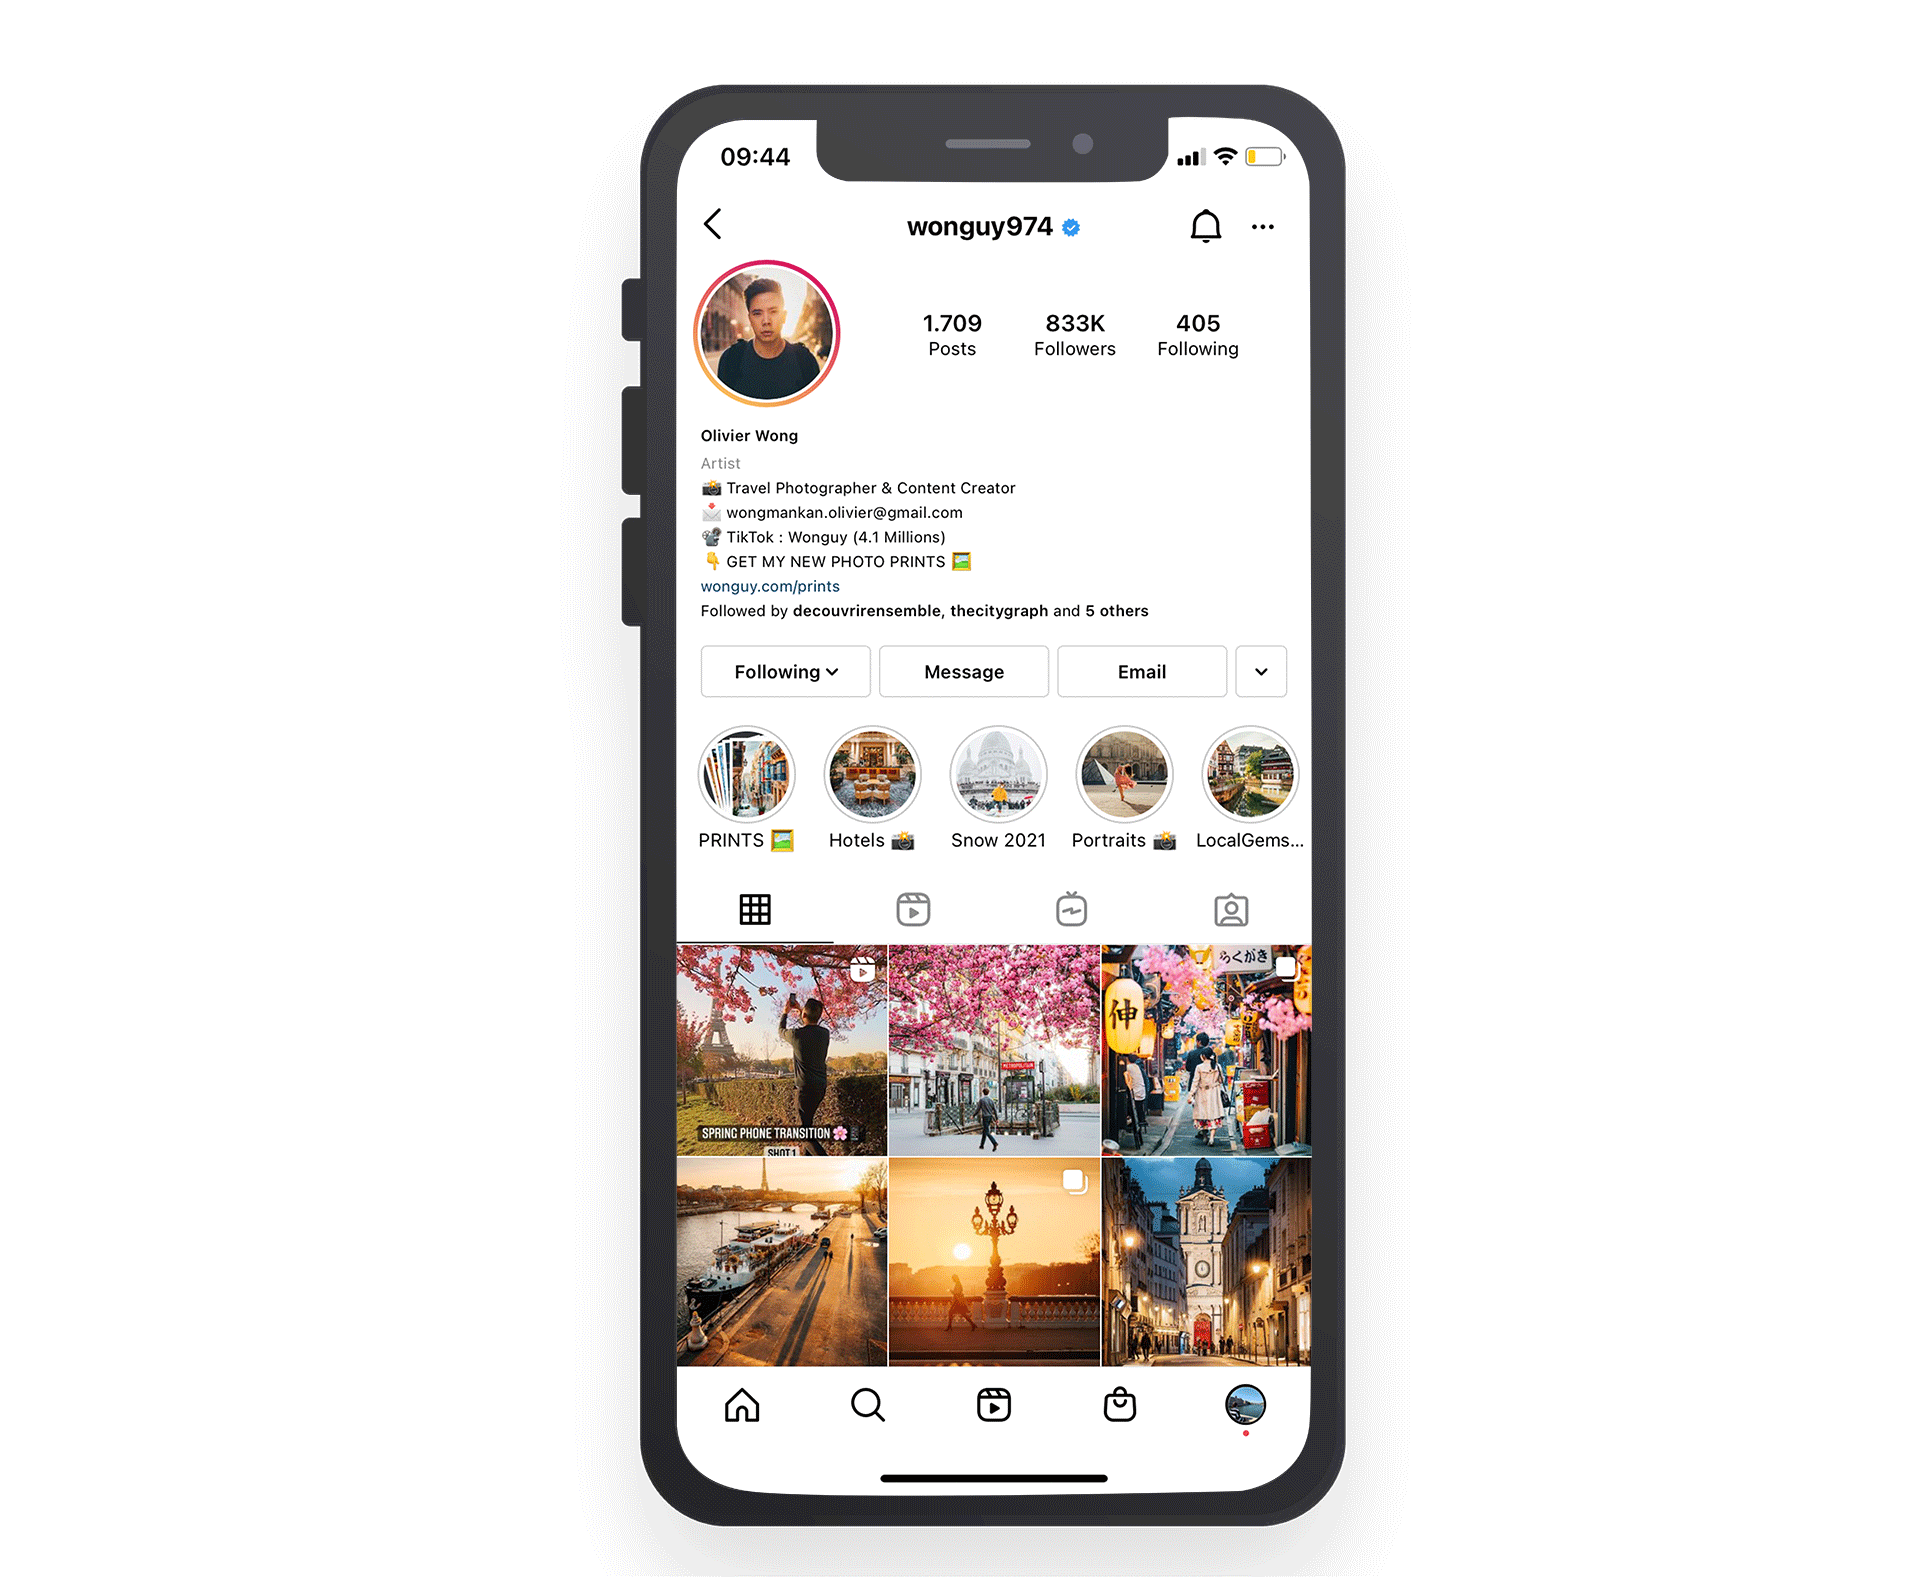 tipos de perfiles de Instagram de creador